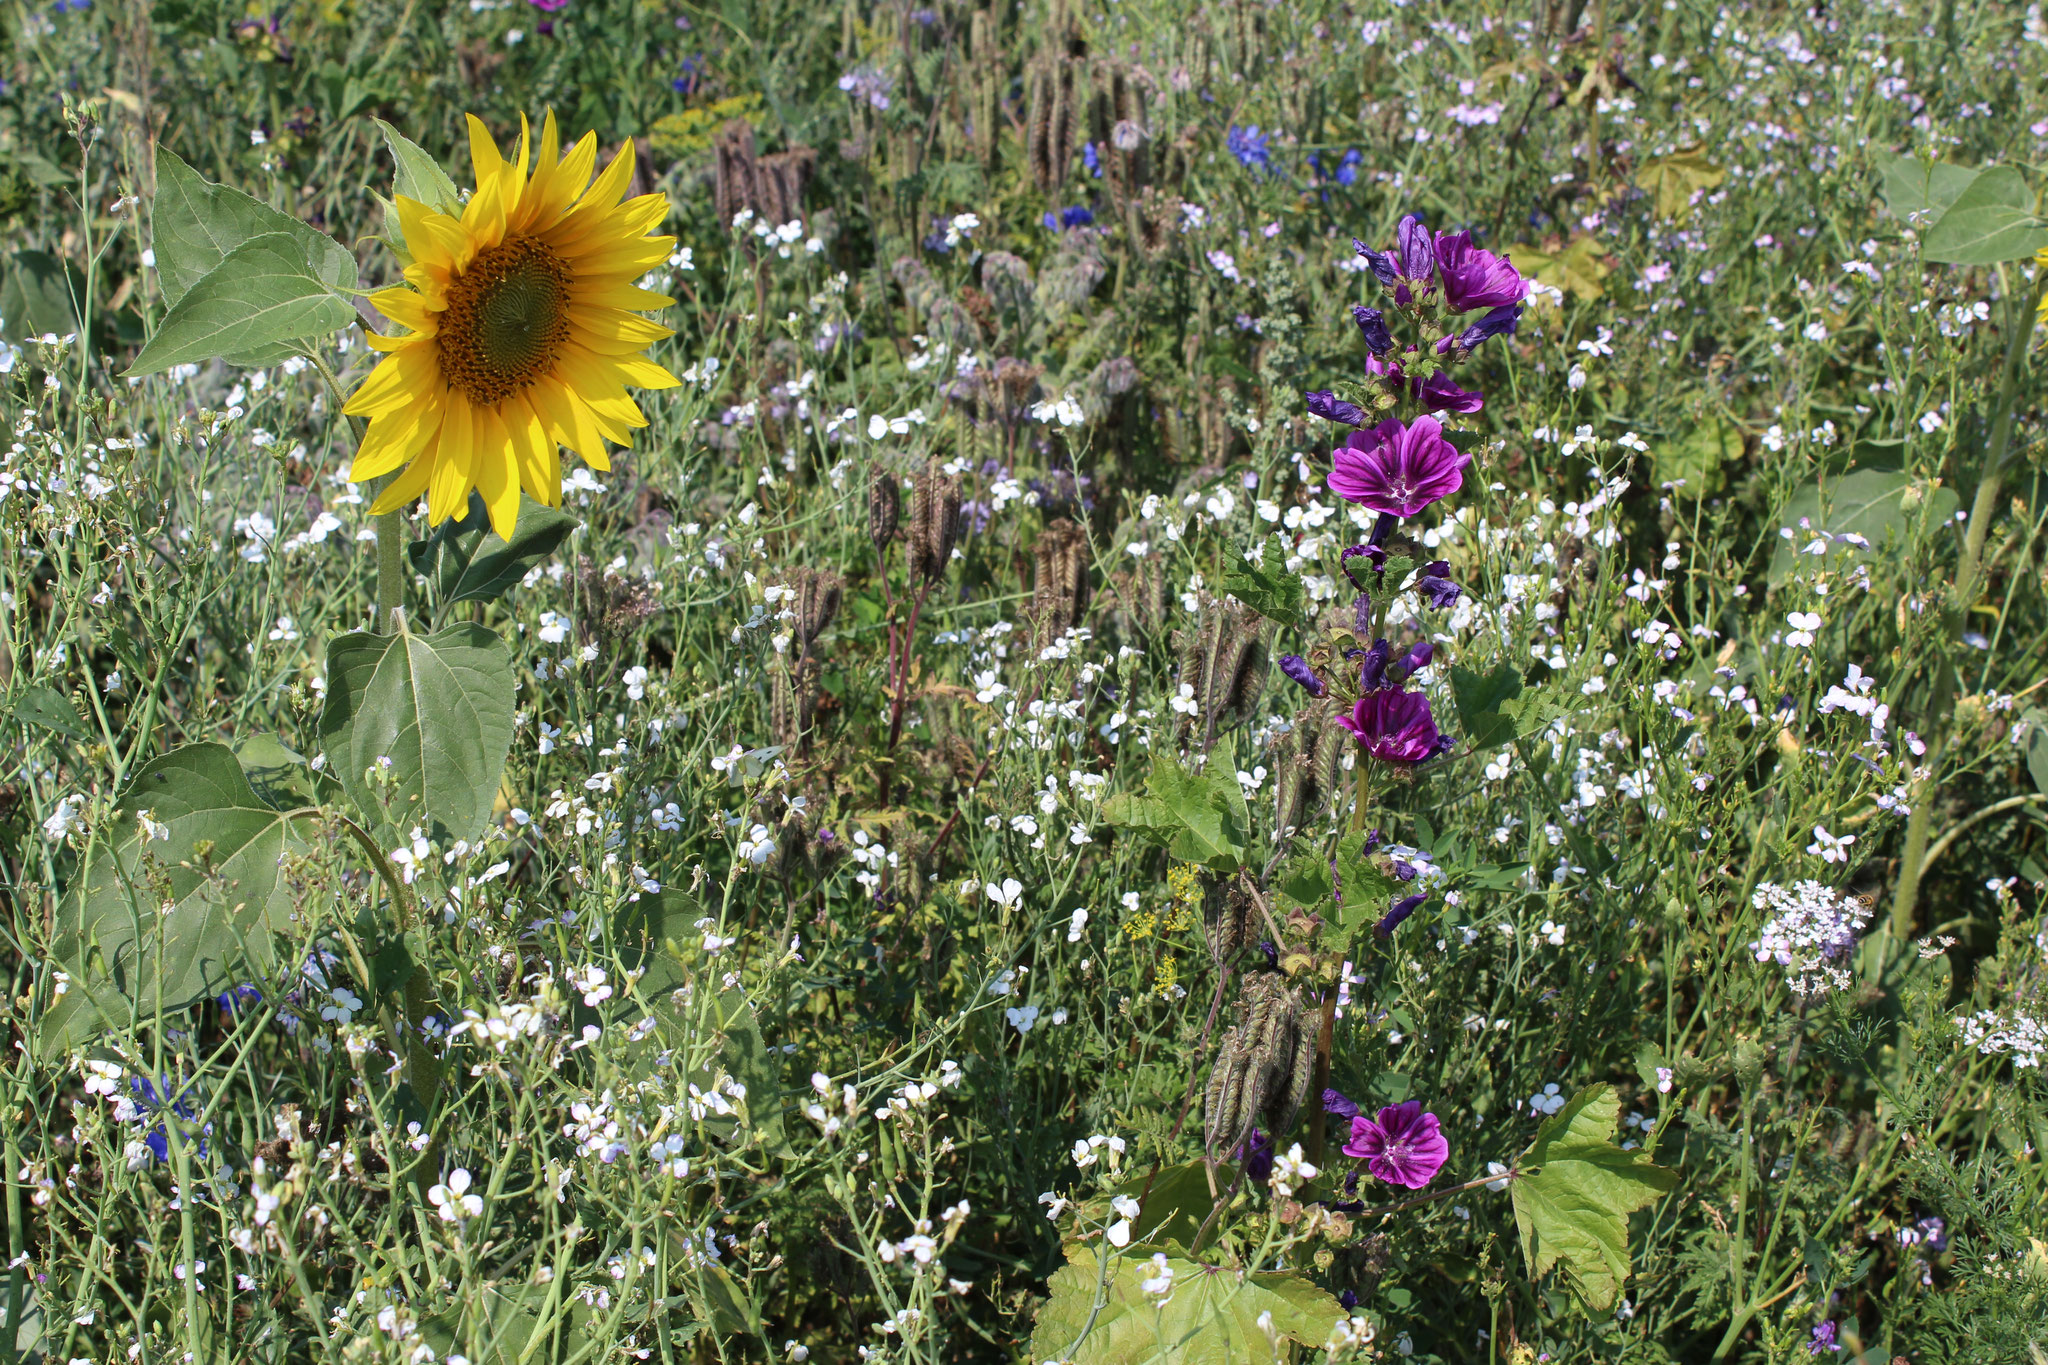 Blühmischungen fördern die Biodiversität.